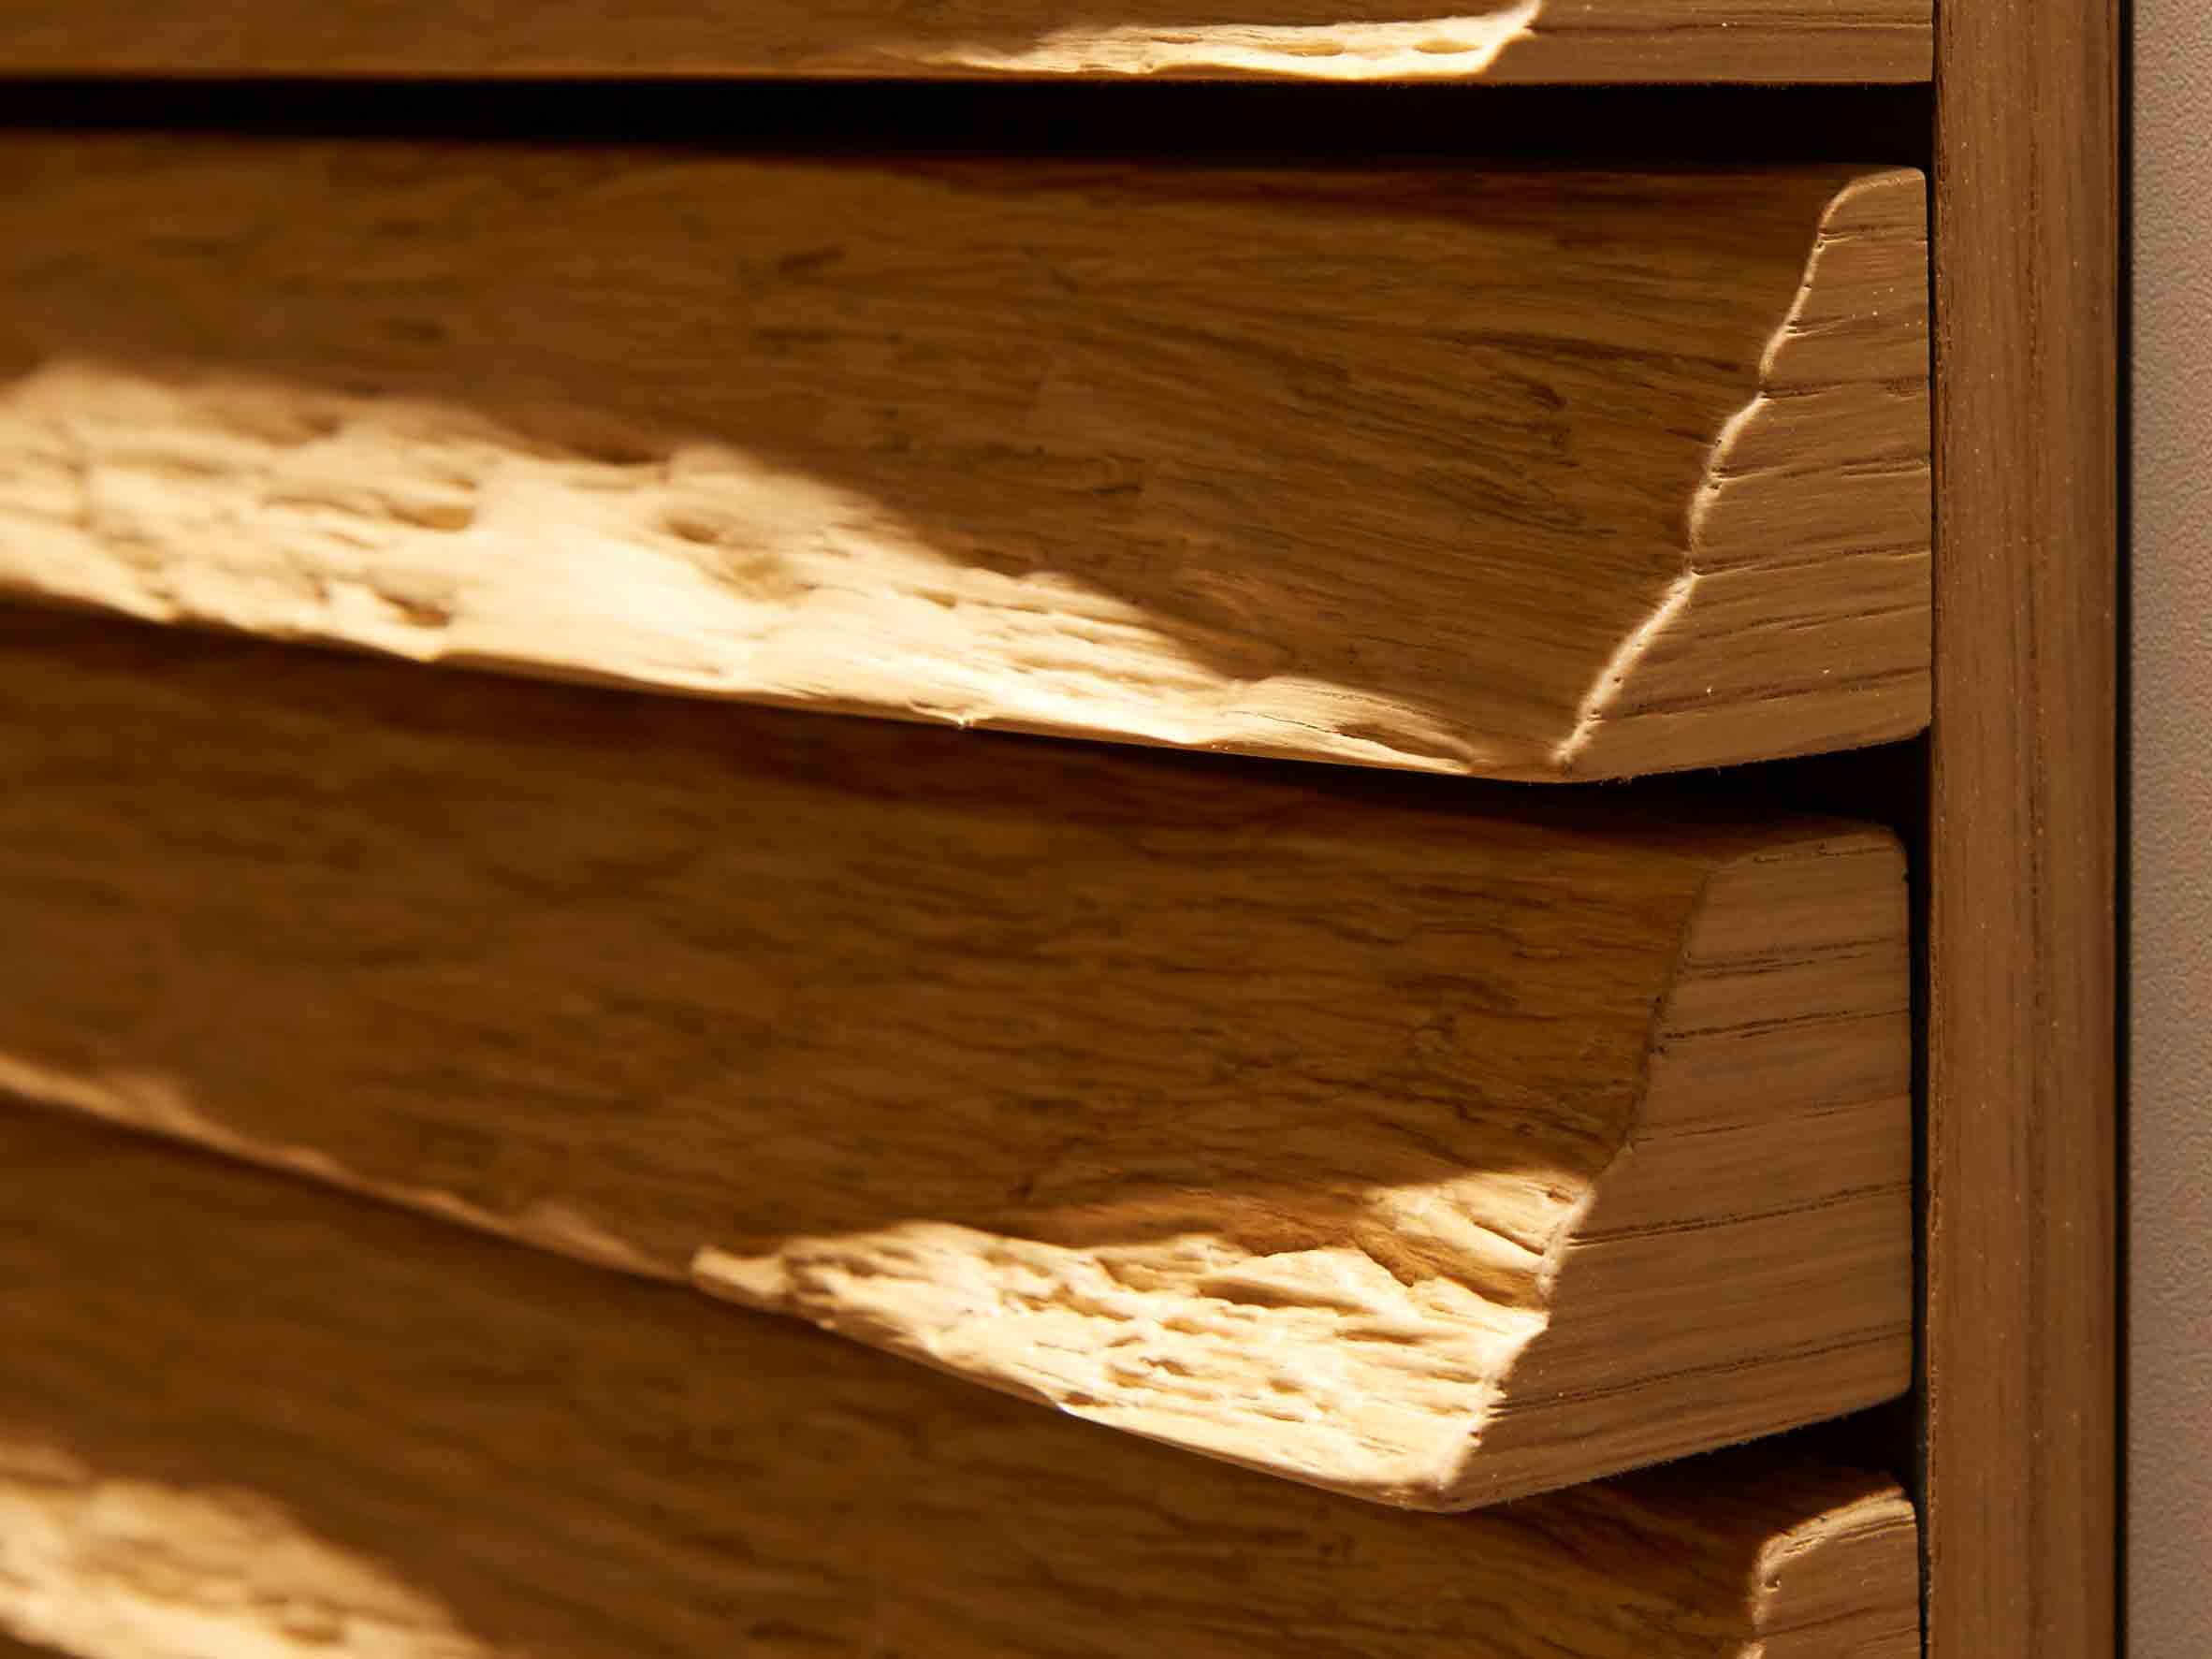 Holz in Form - strukturovaná hrana